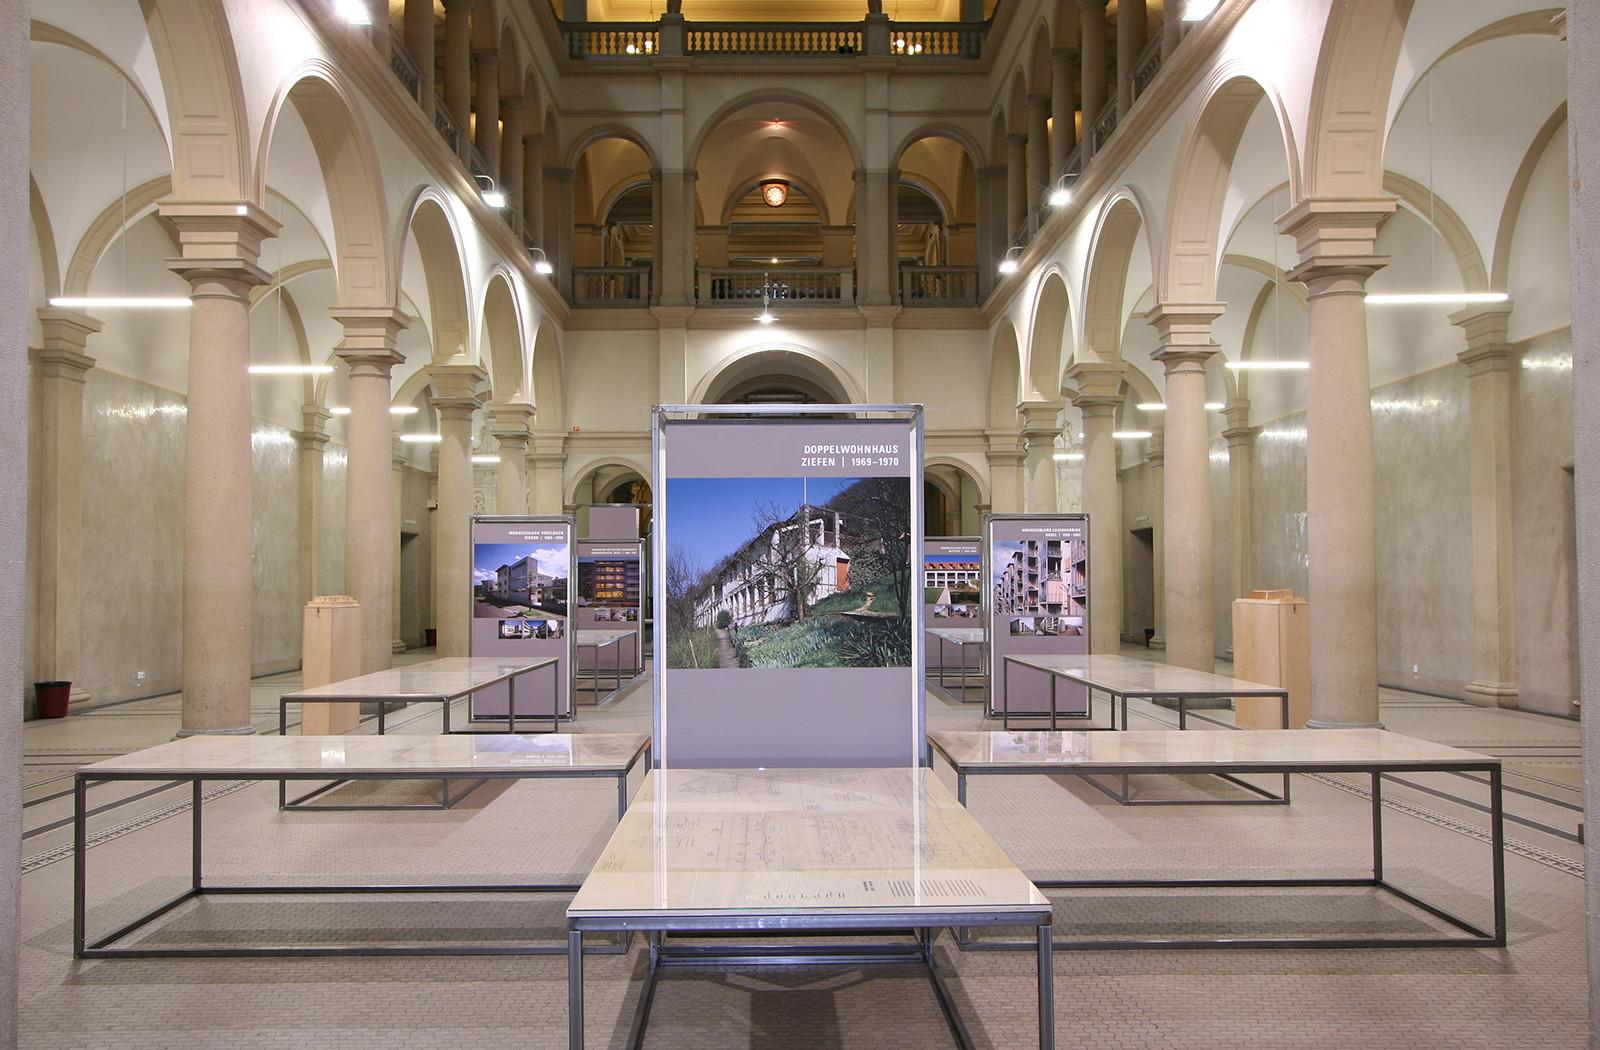 Innenarchitektur Eth Zürich ausstellungen institut gta eth zürich refurnished entwicklung